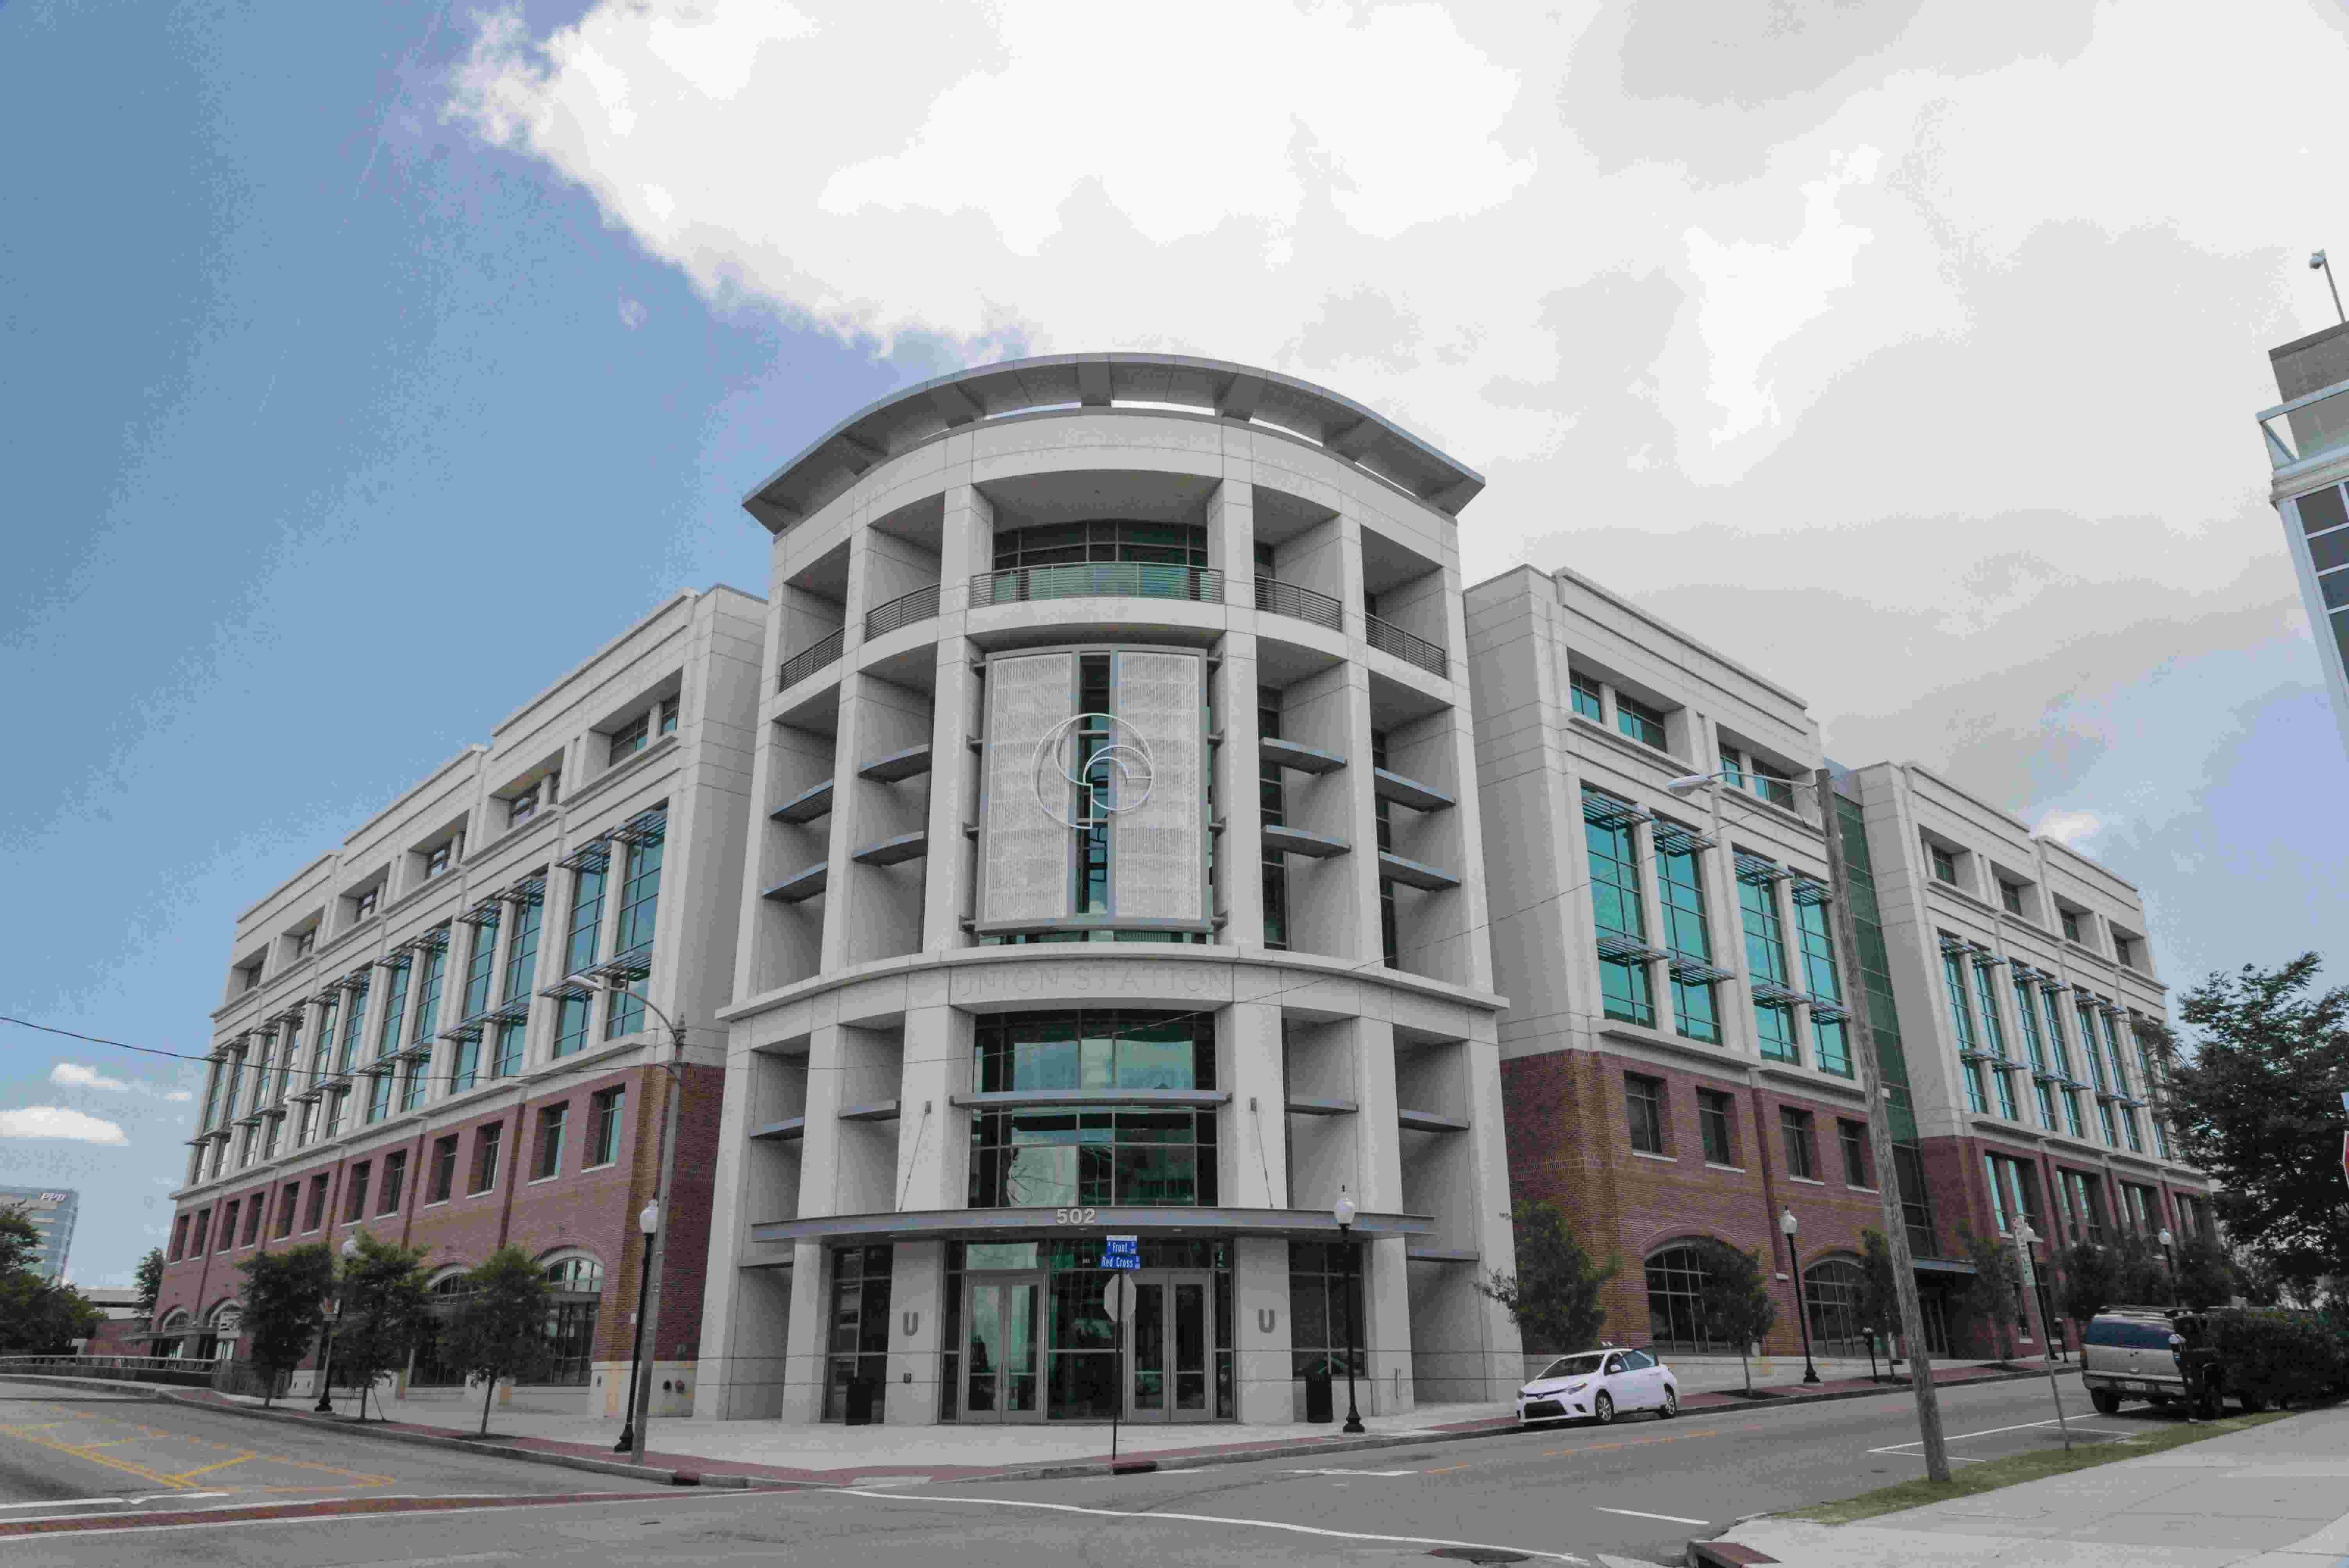 CFCC Union Station